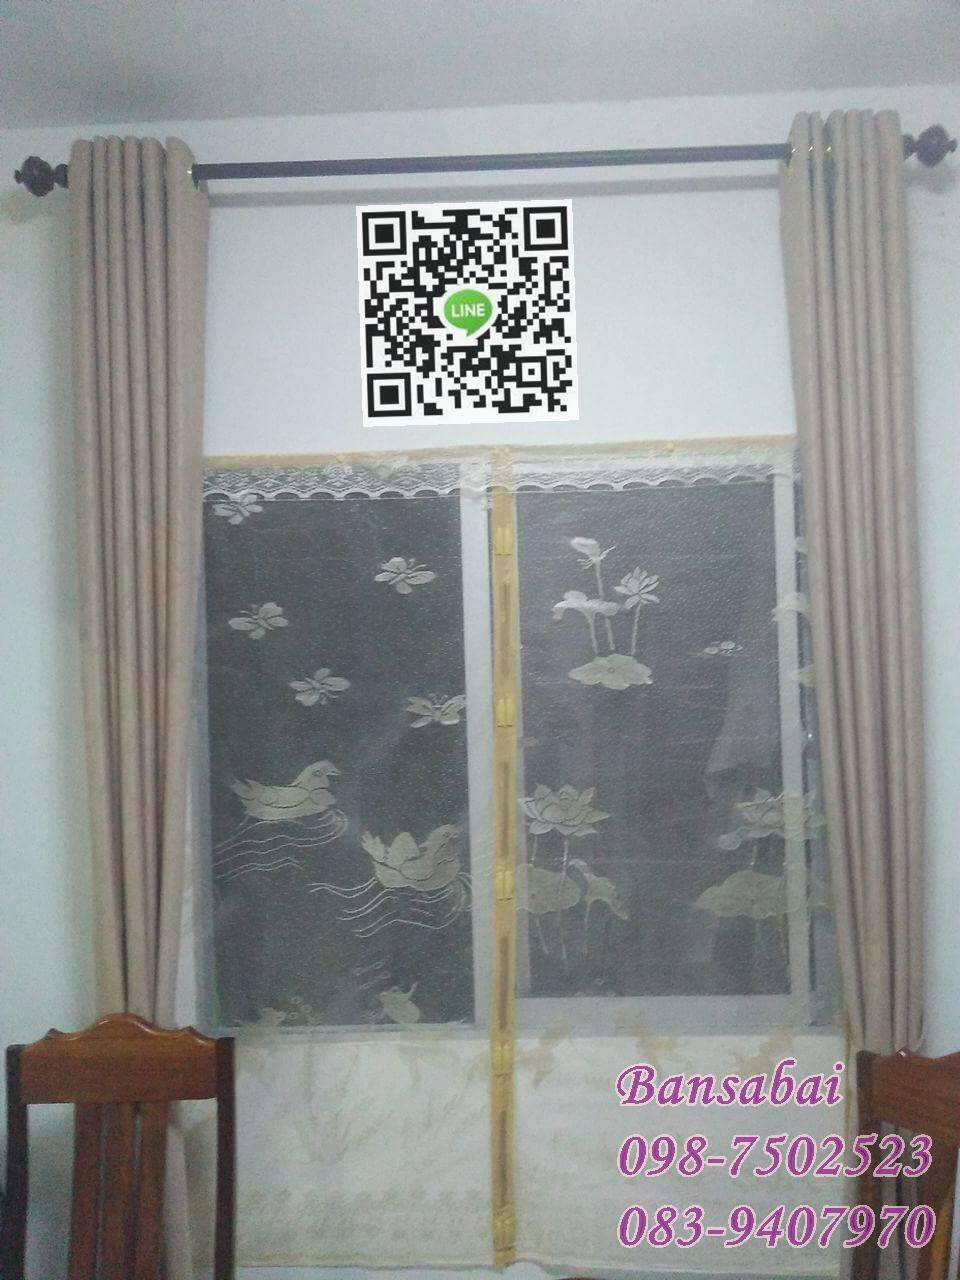 ม่านหน้าต่างกันยุง ก80xส150 ซม.แบบผ้าทอลาย คละสี